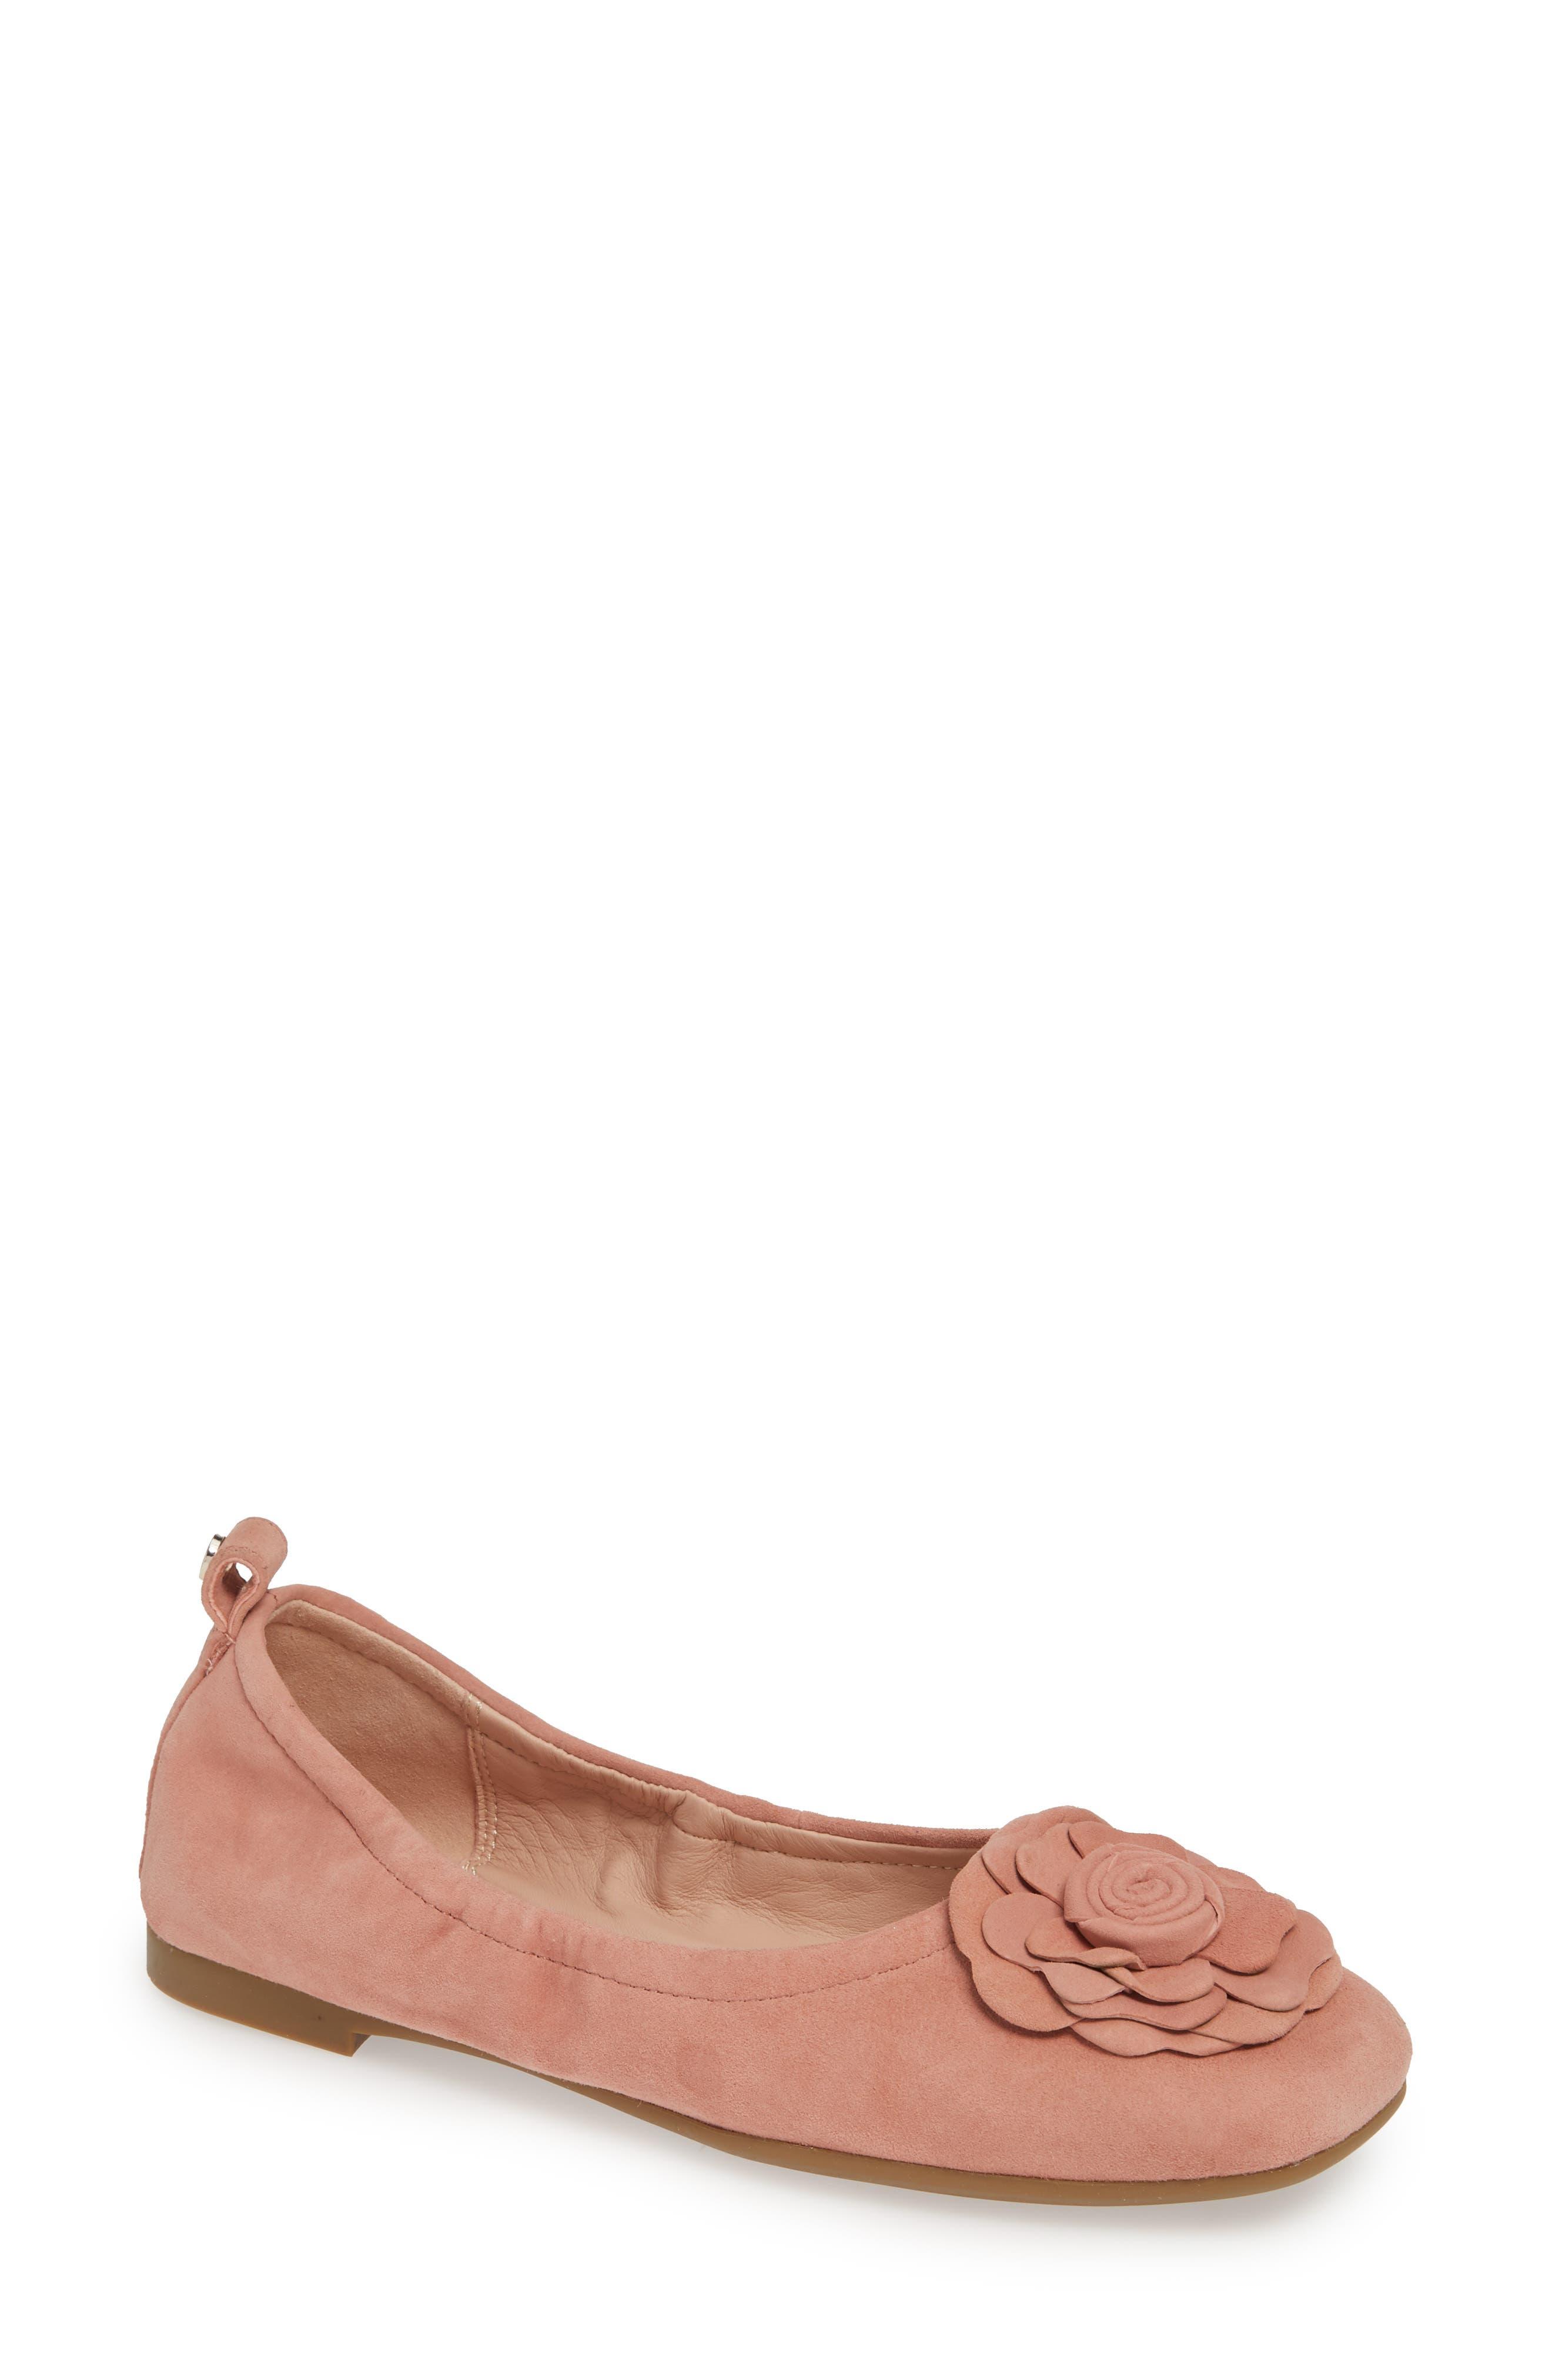 Taryn Rose Rosalyn Ballet Flat- Pink